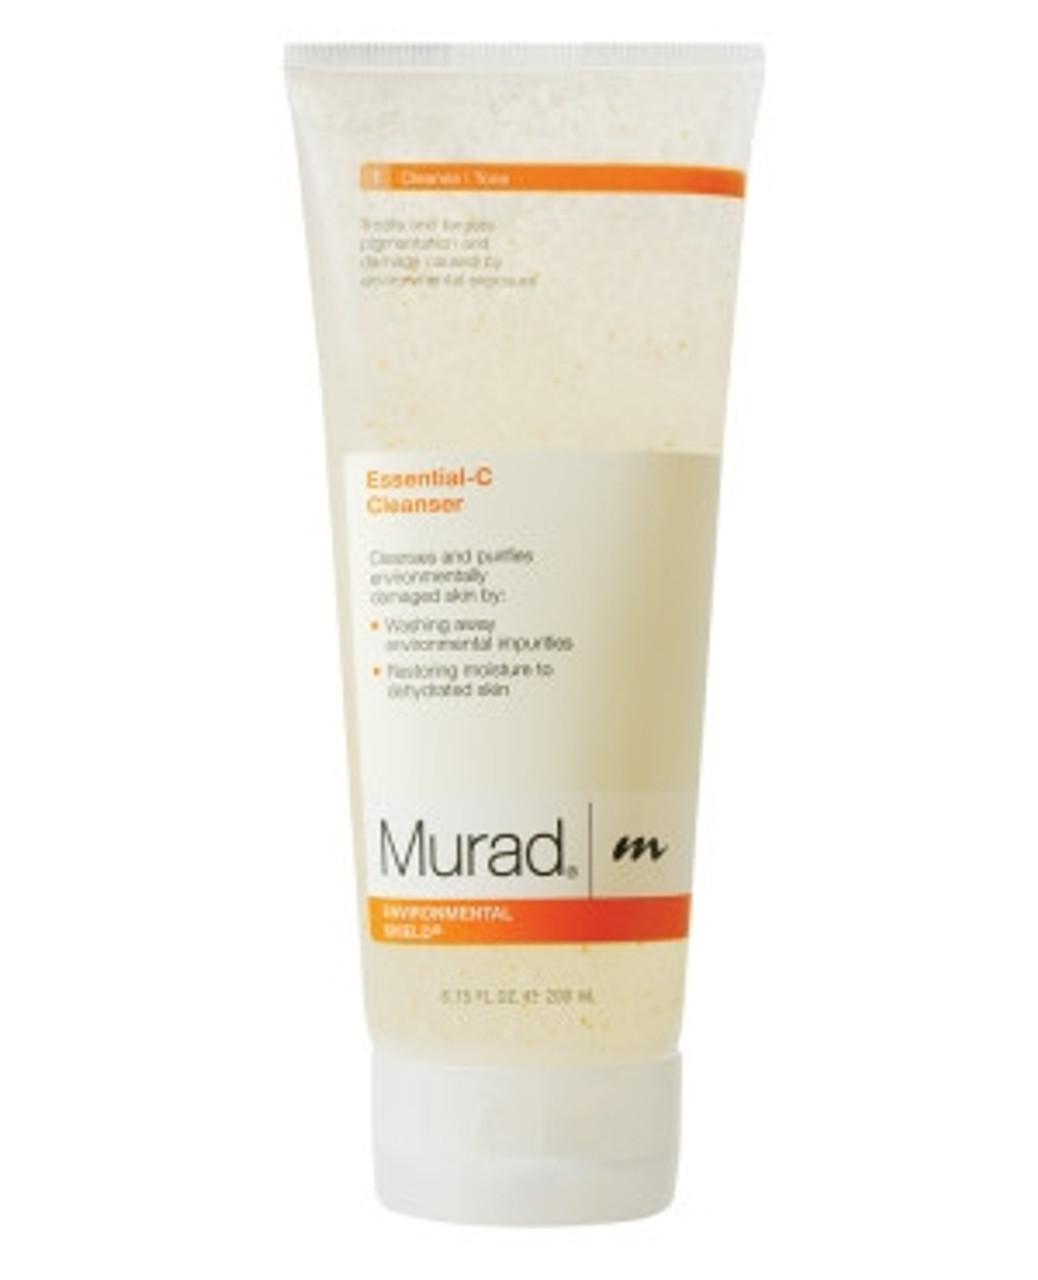 Murad Essential-C Cleanser 6.75